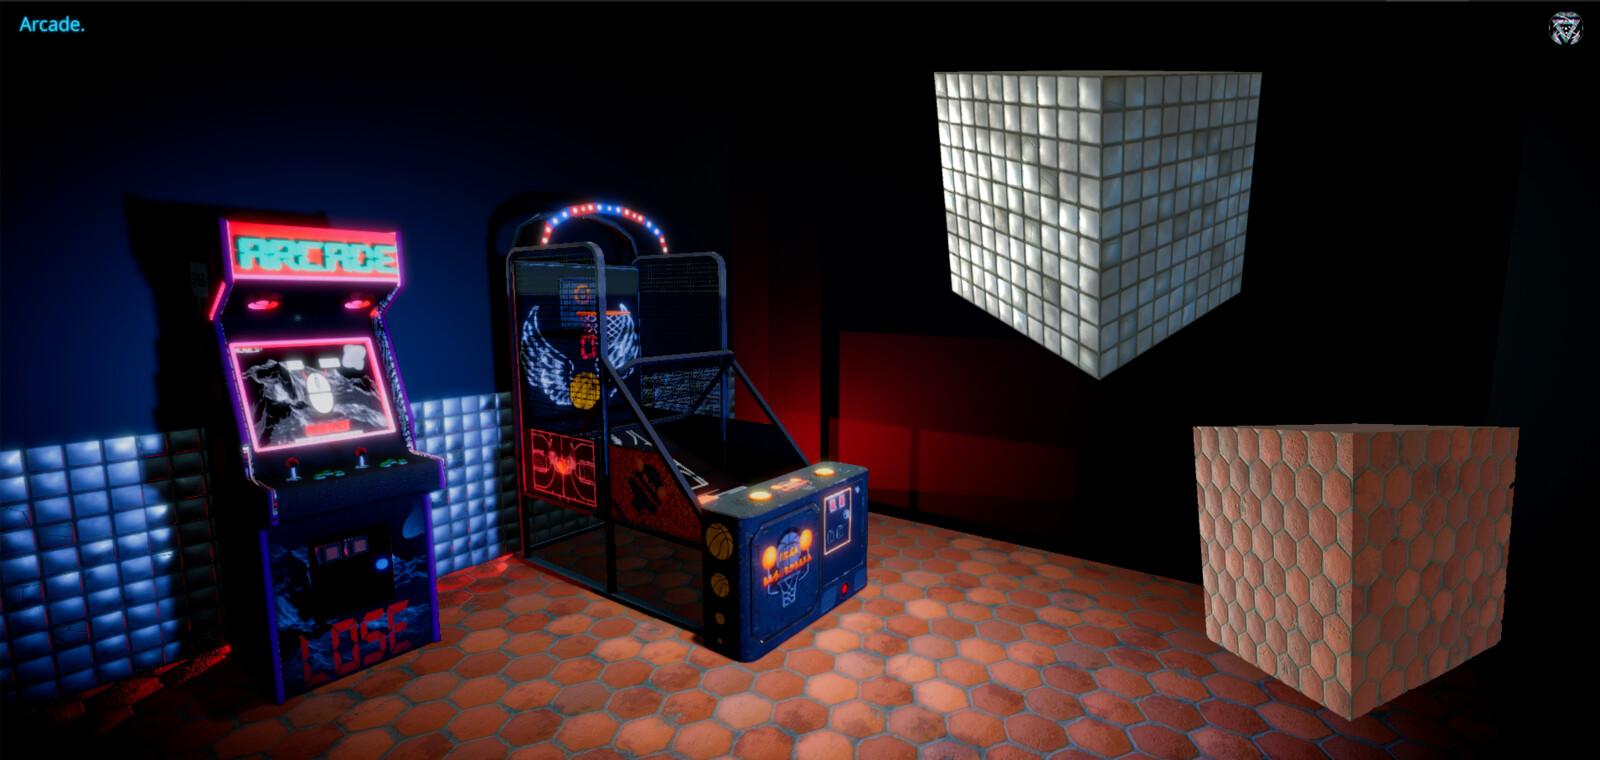 Arcade Unity Render